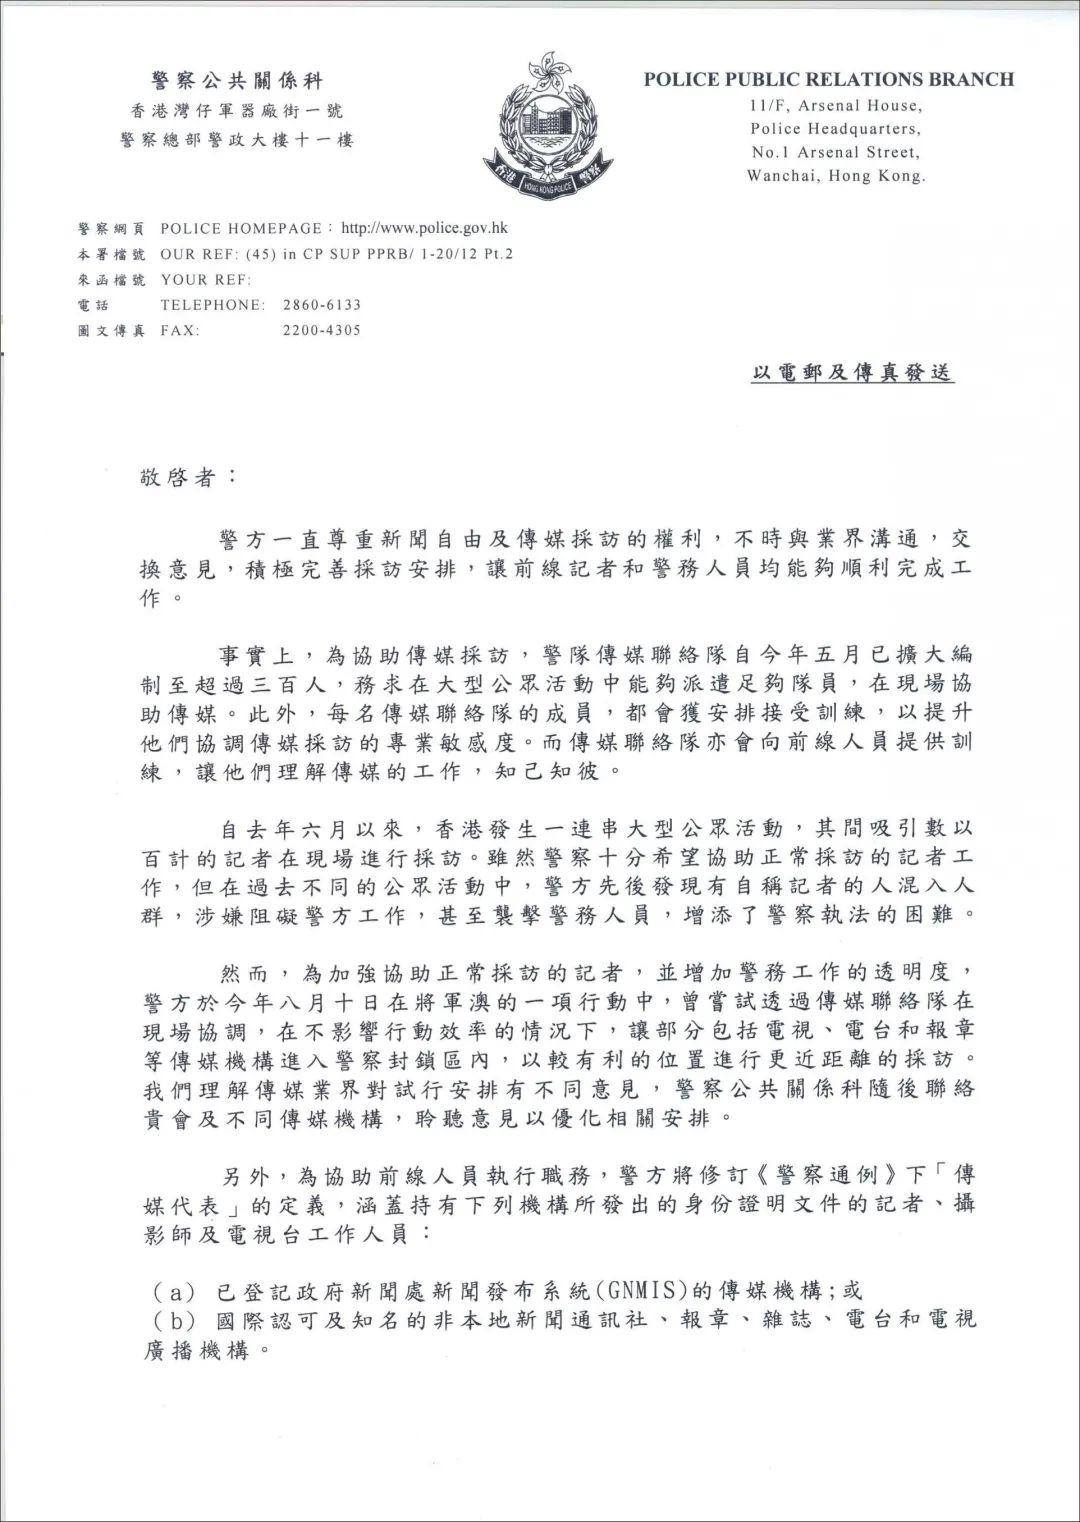 「摩登2平台注册」香港早就该这样了图片